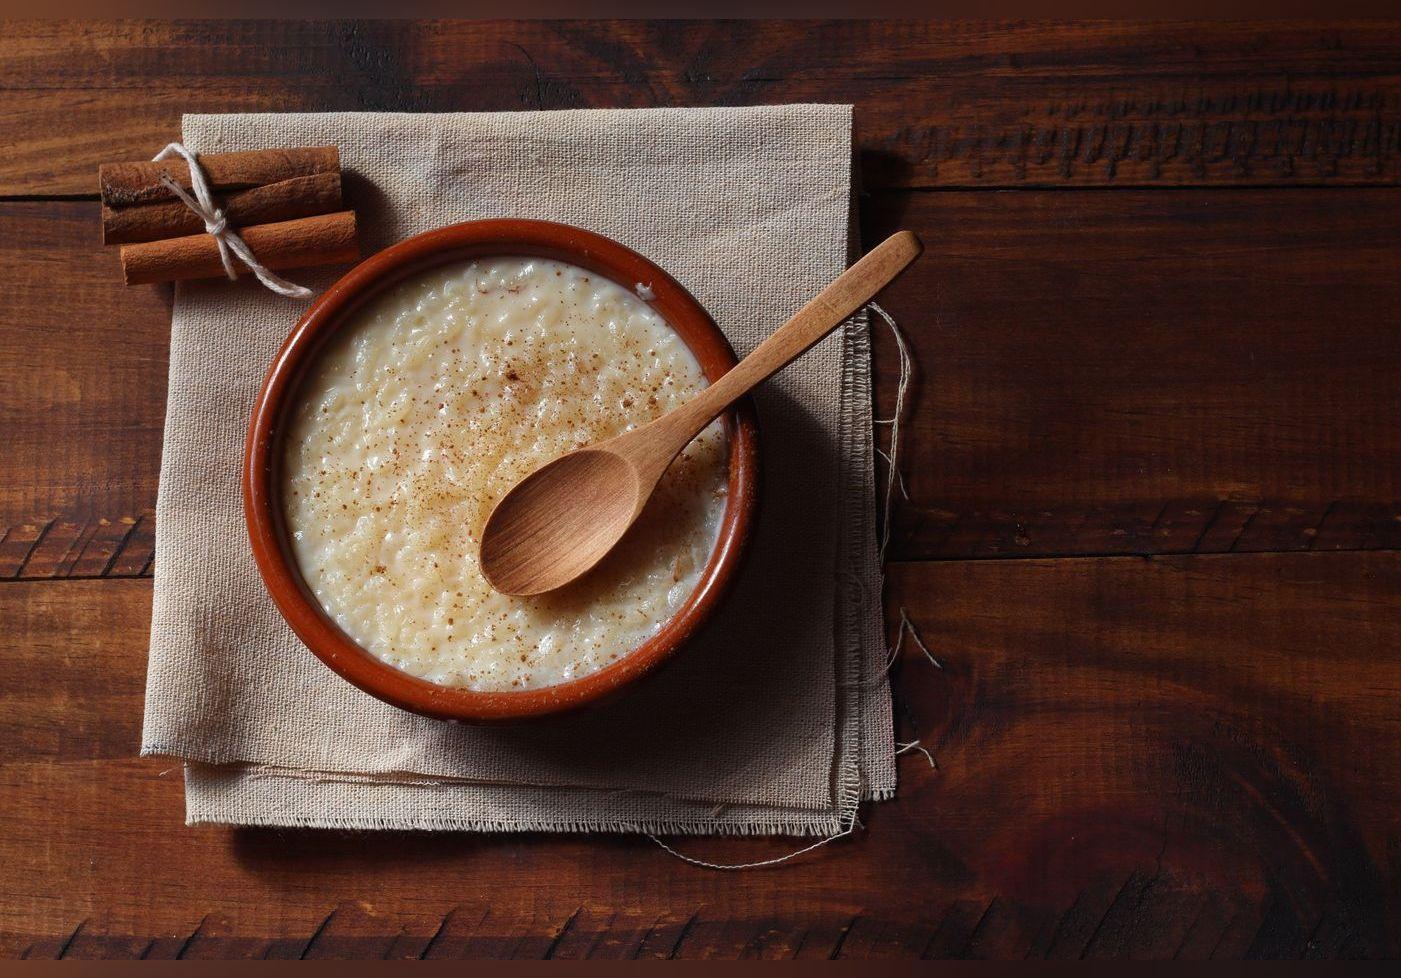 Voici l'astuce de Christophe Michalak pour un riz au lait incroyablement gourmand